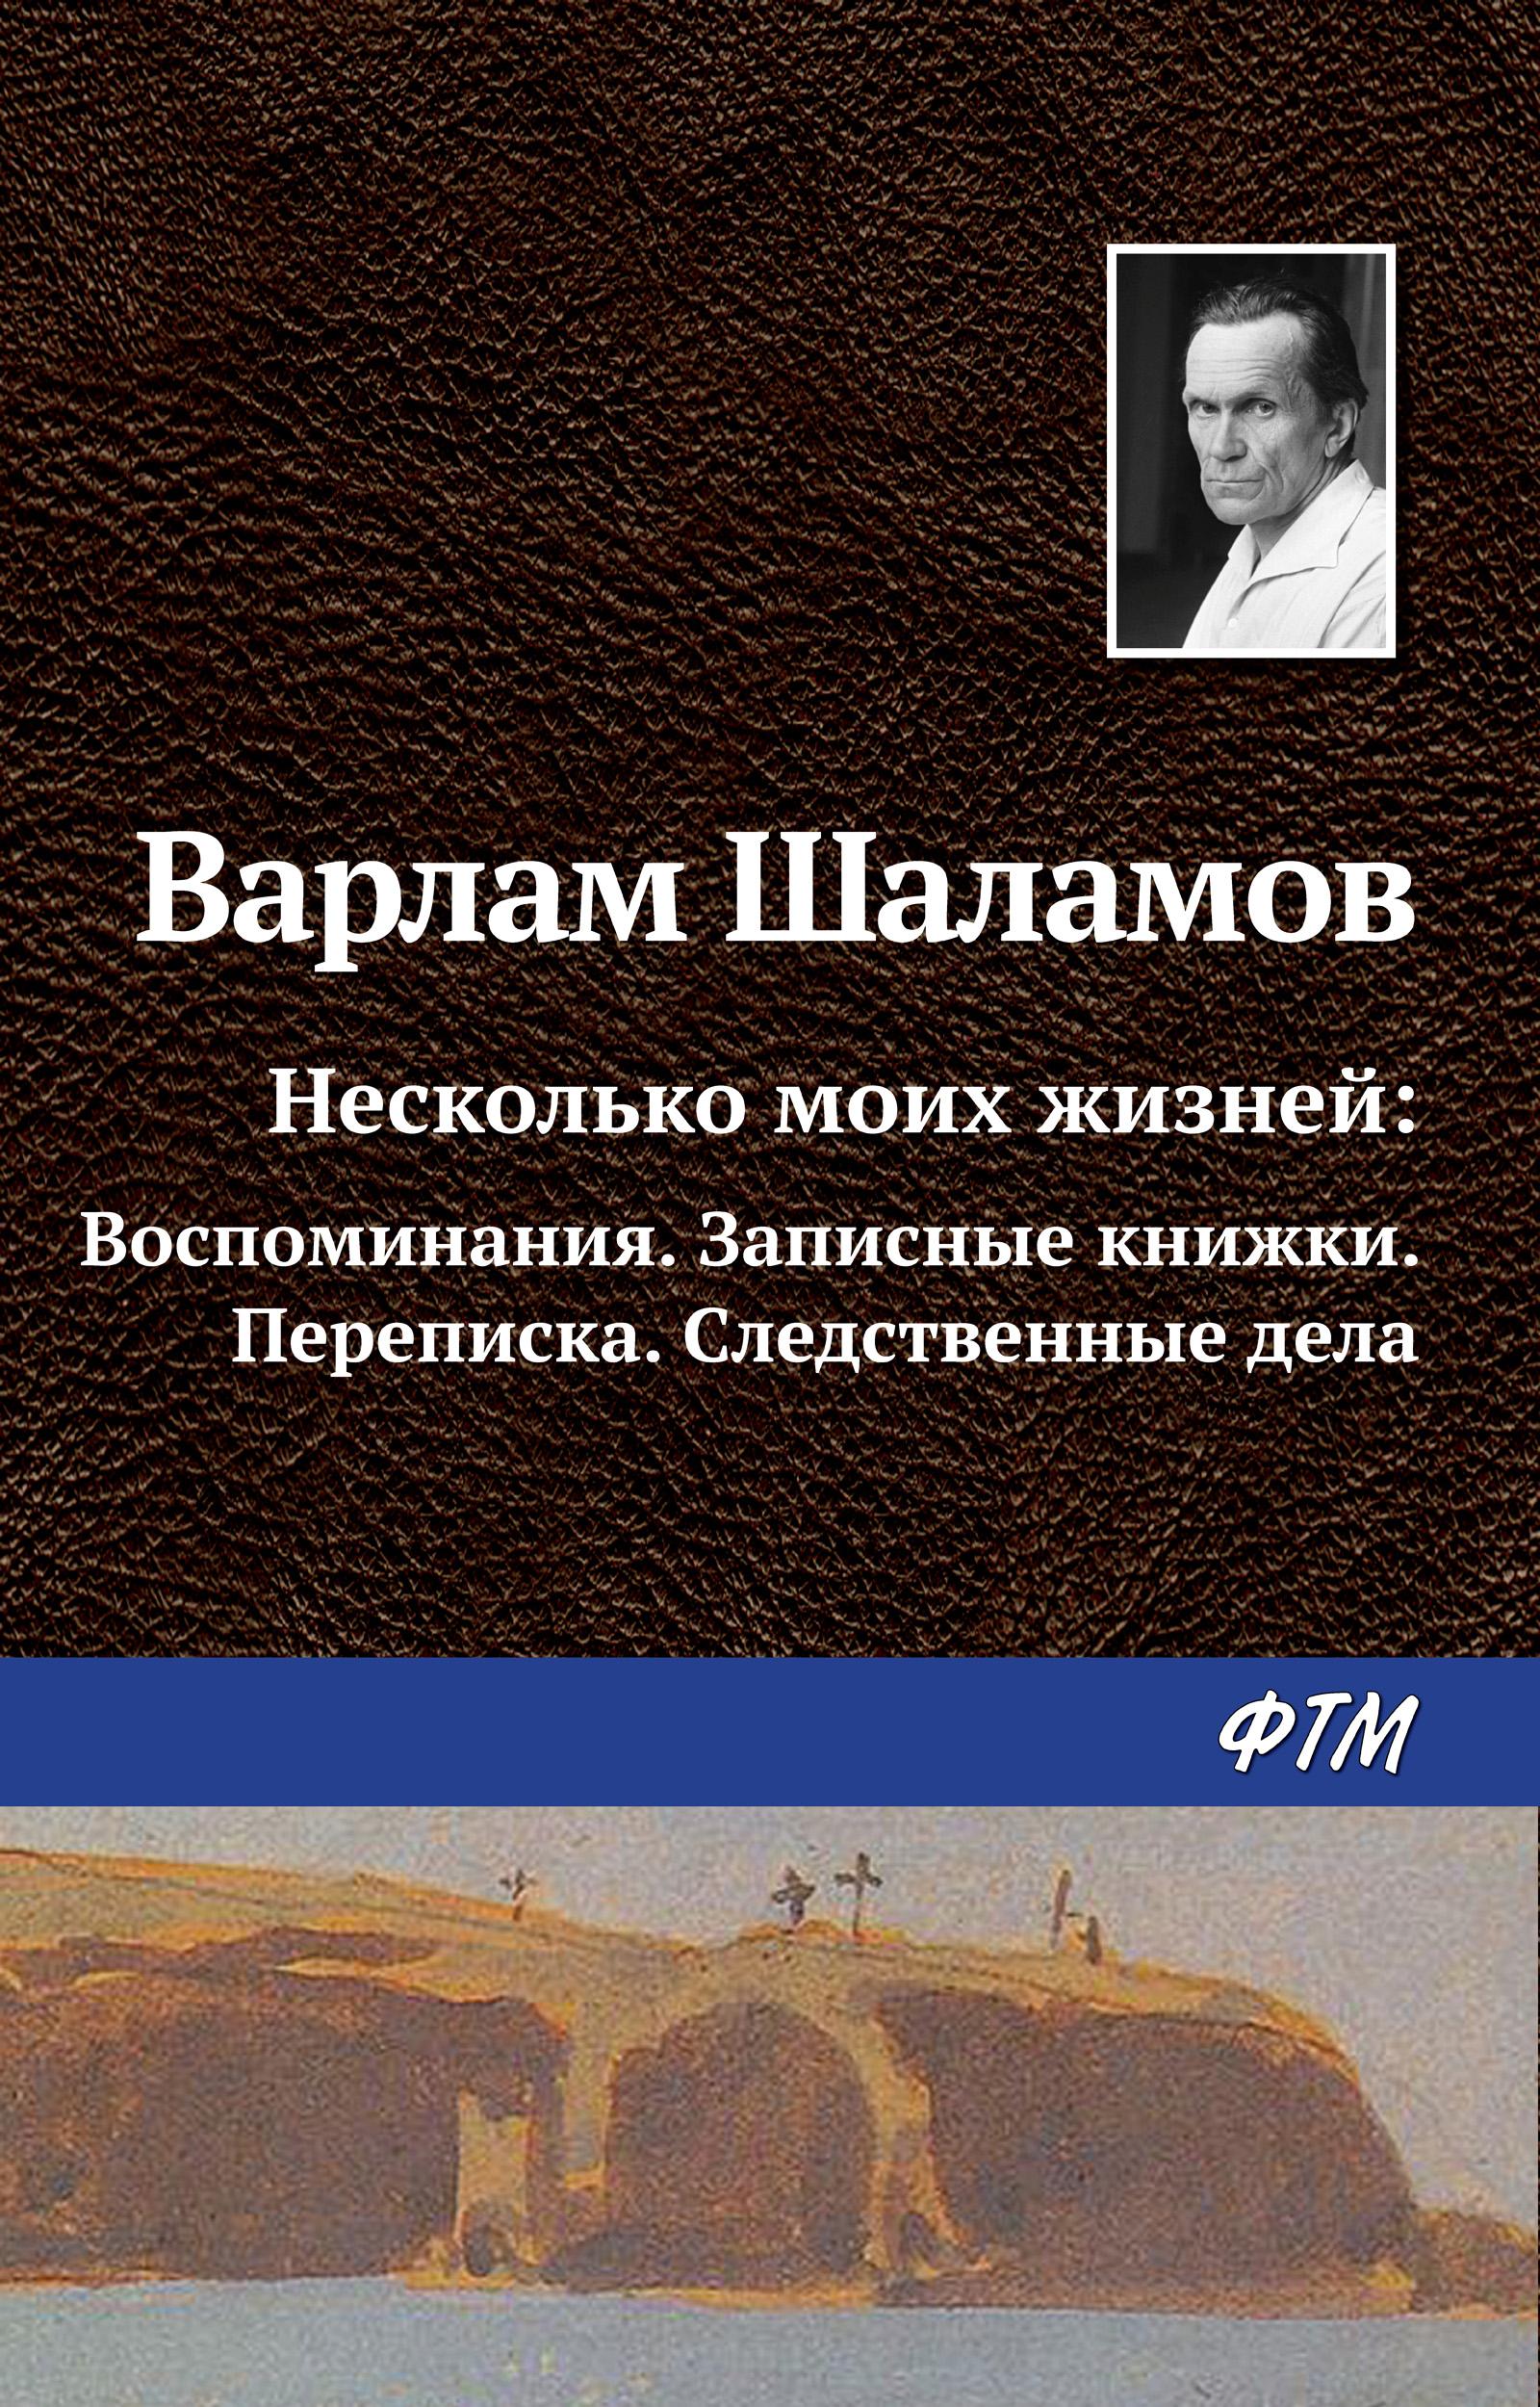 Варлам Шаламов Несколько моих жизней: Воспоминания. Записные книжки. Переписка. Следственные дела